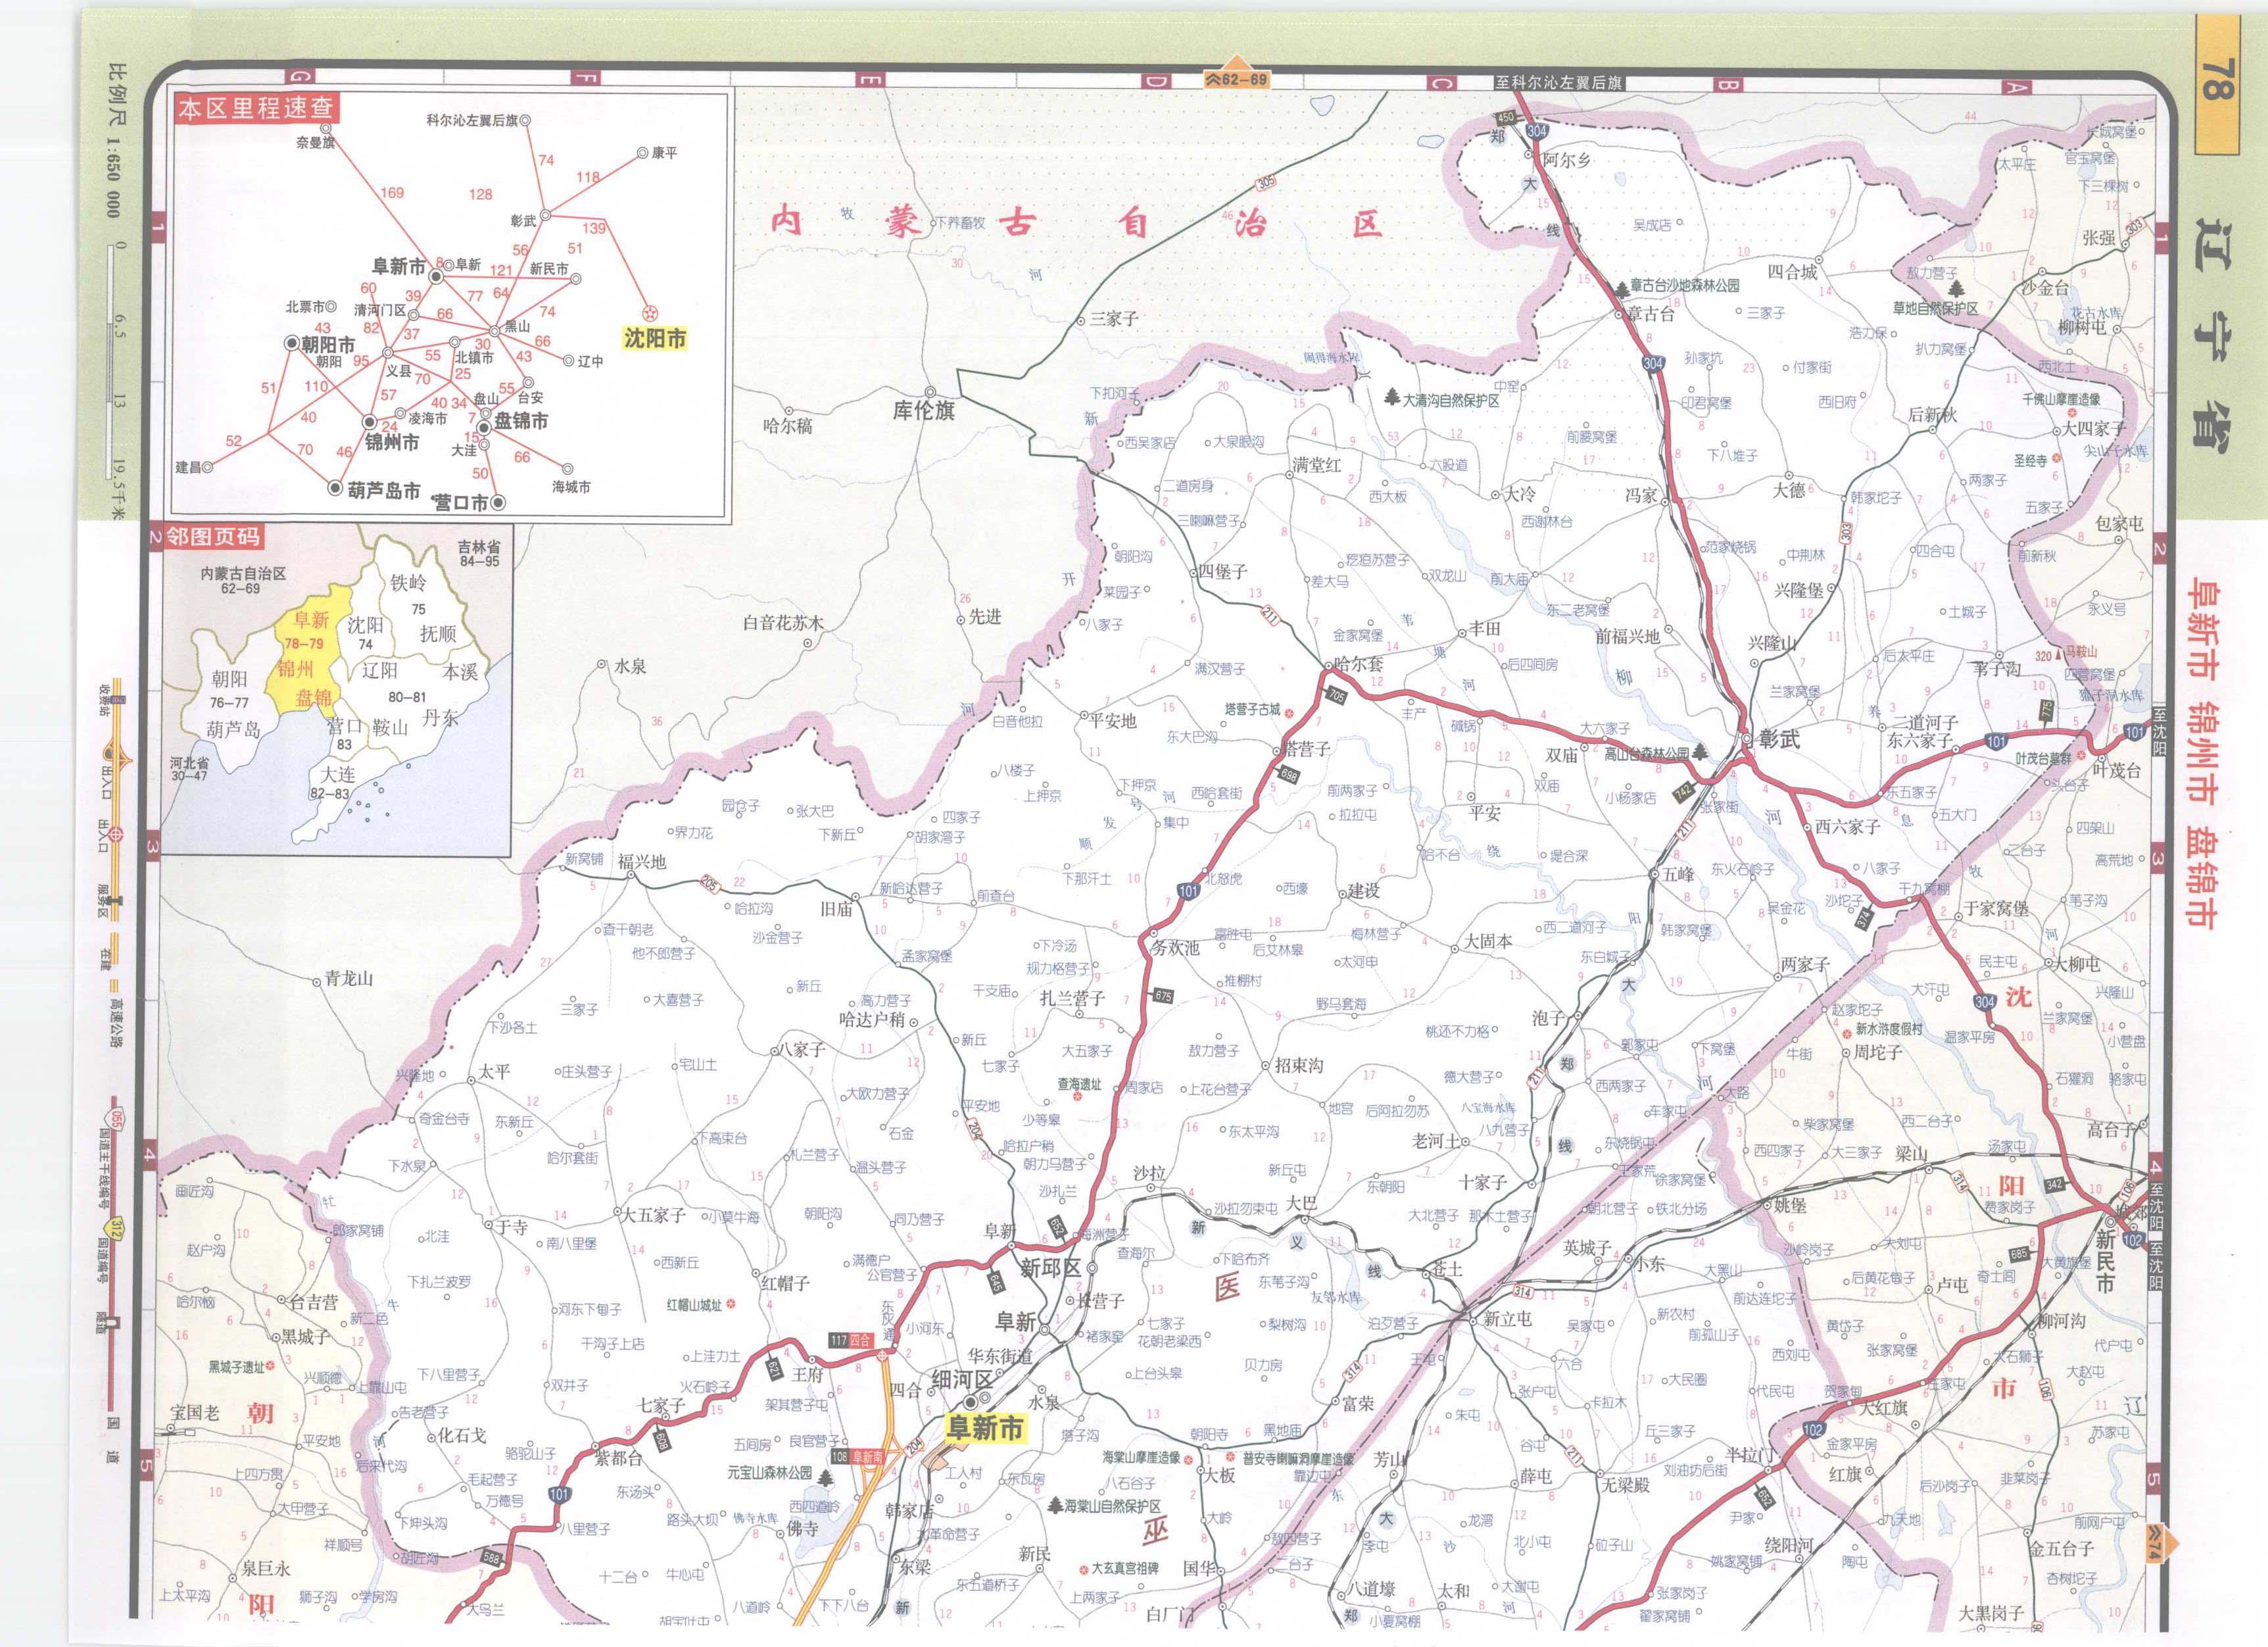 辽宁省阜新市锦州市盘锦市高速公路网地图图片